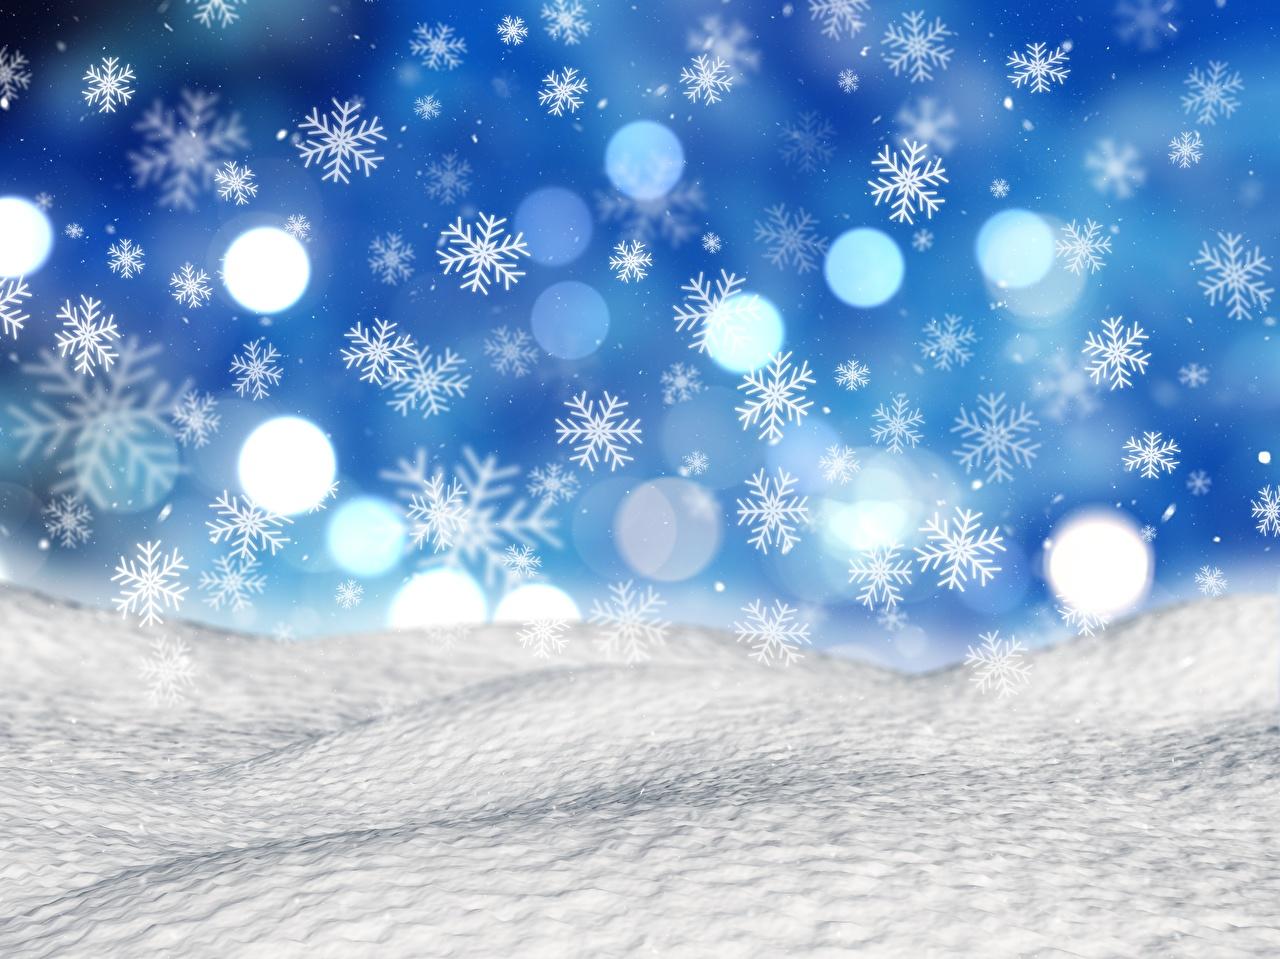 Fotos Neujahr Schneeflocken Schnee